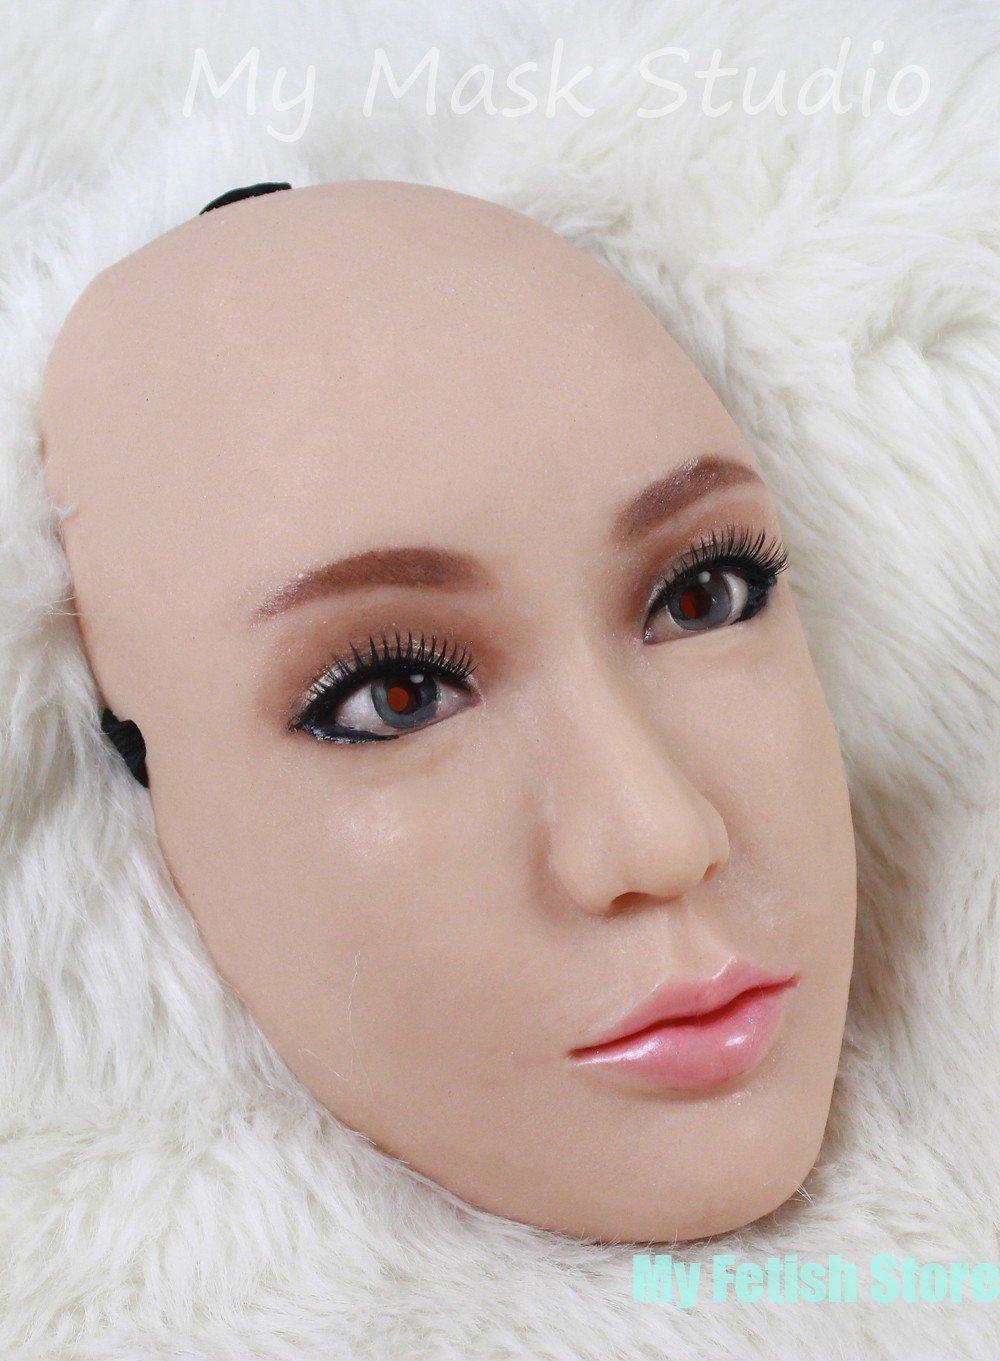 シリコン製 半顔 目無しフィメールマスク Silicone Female Mask CHING MASK